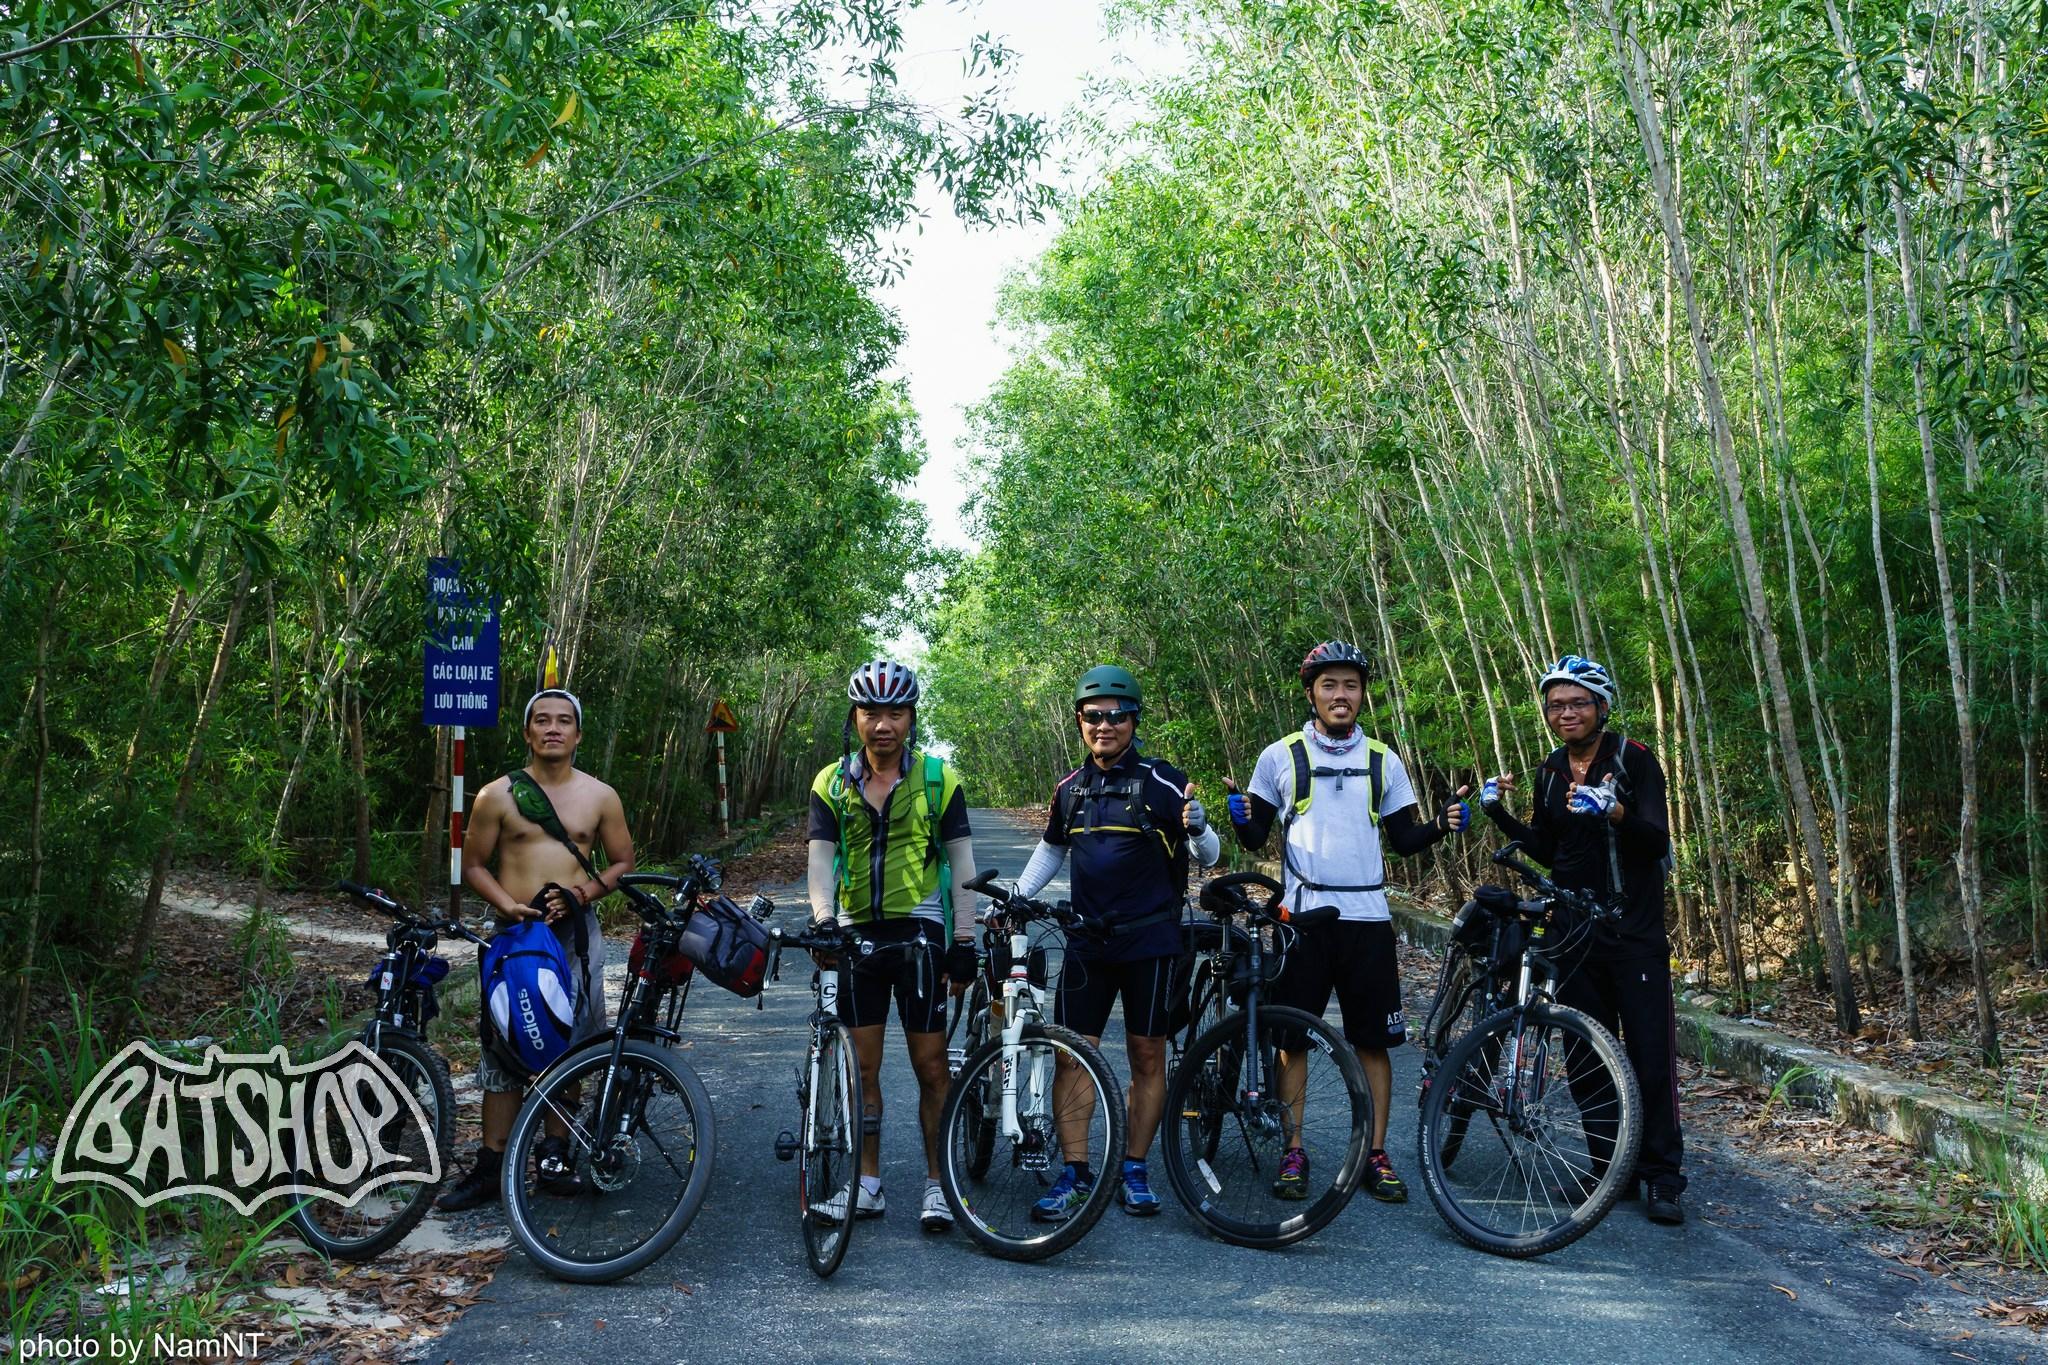 20459127340 da63e6571e k - Hồ Cần Nôm-Dầu Tiếng chuyến đạp xe, băng rừng, leo núi, tắm hồ, mần gà